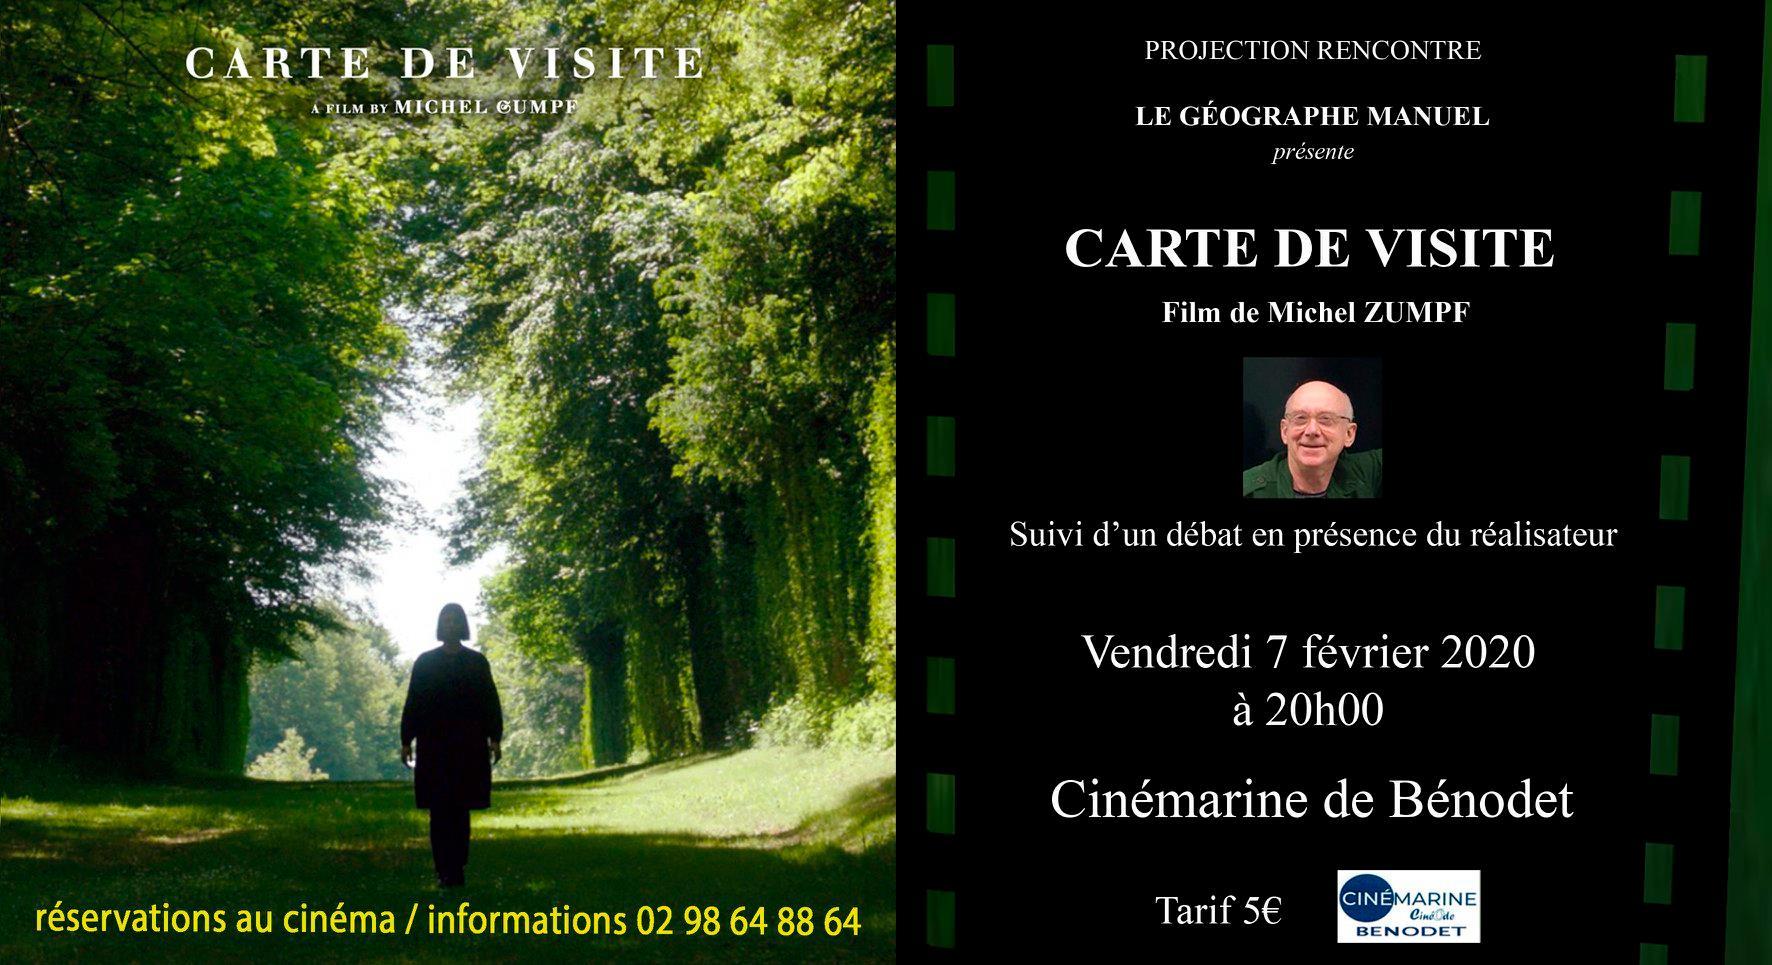 Projection rencontre au Cinémarine – Carte de visite de Michel Zumpf